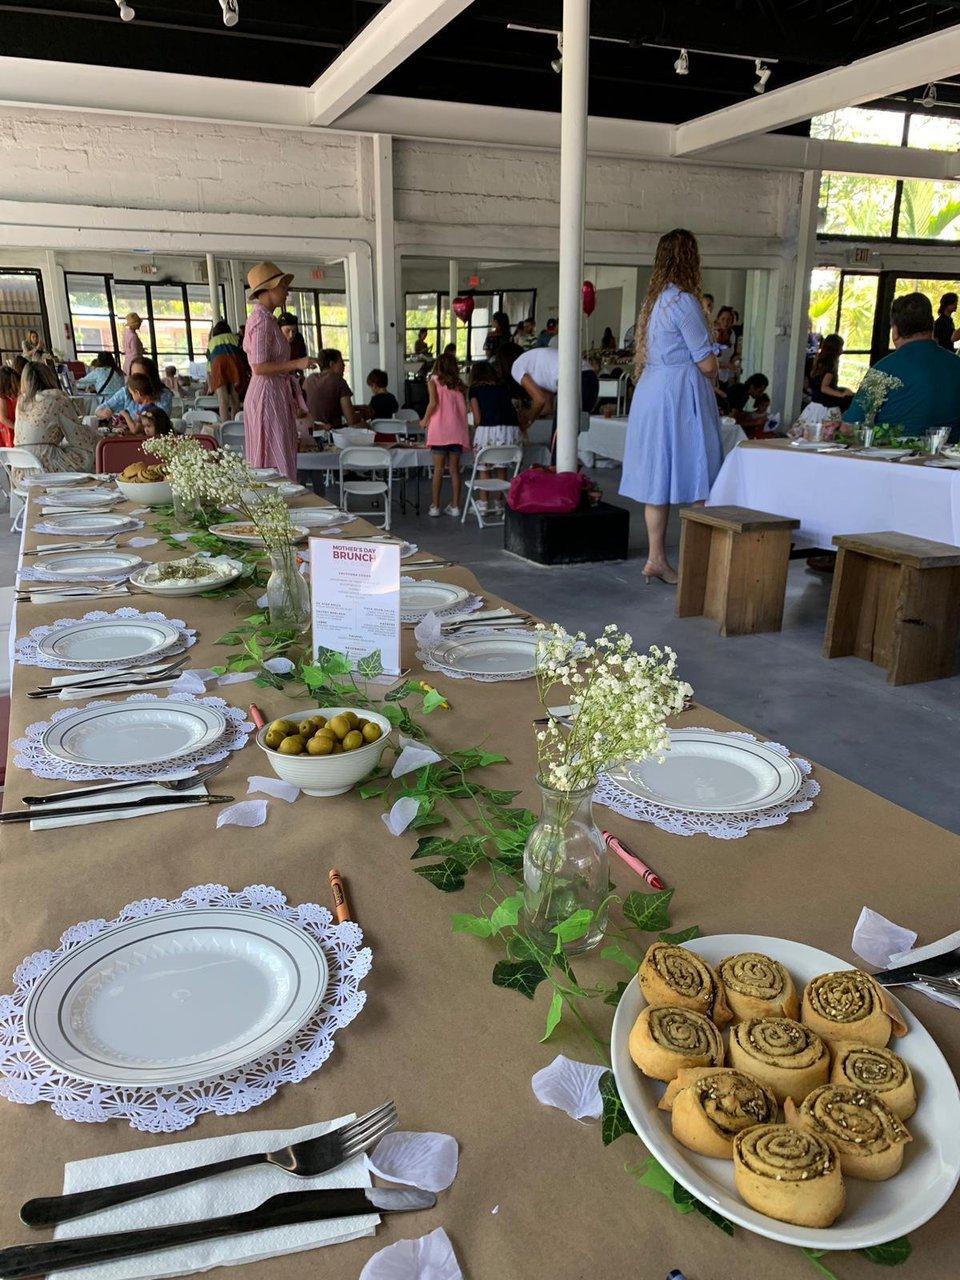 Zaytouna Foods photo 5FD1270F-FF0F-4DF2-89F8-CB316A32FB47.jpg